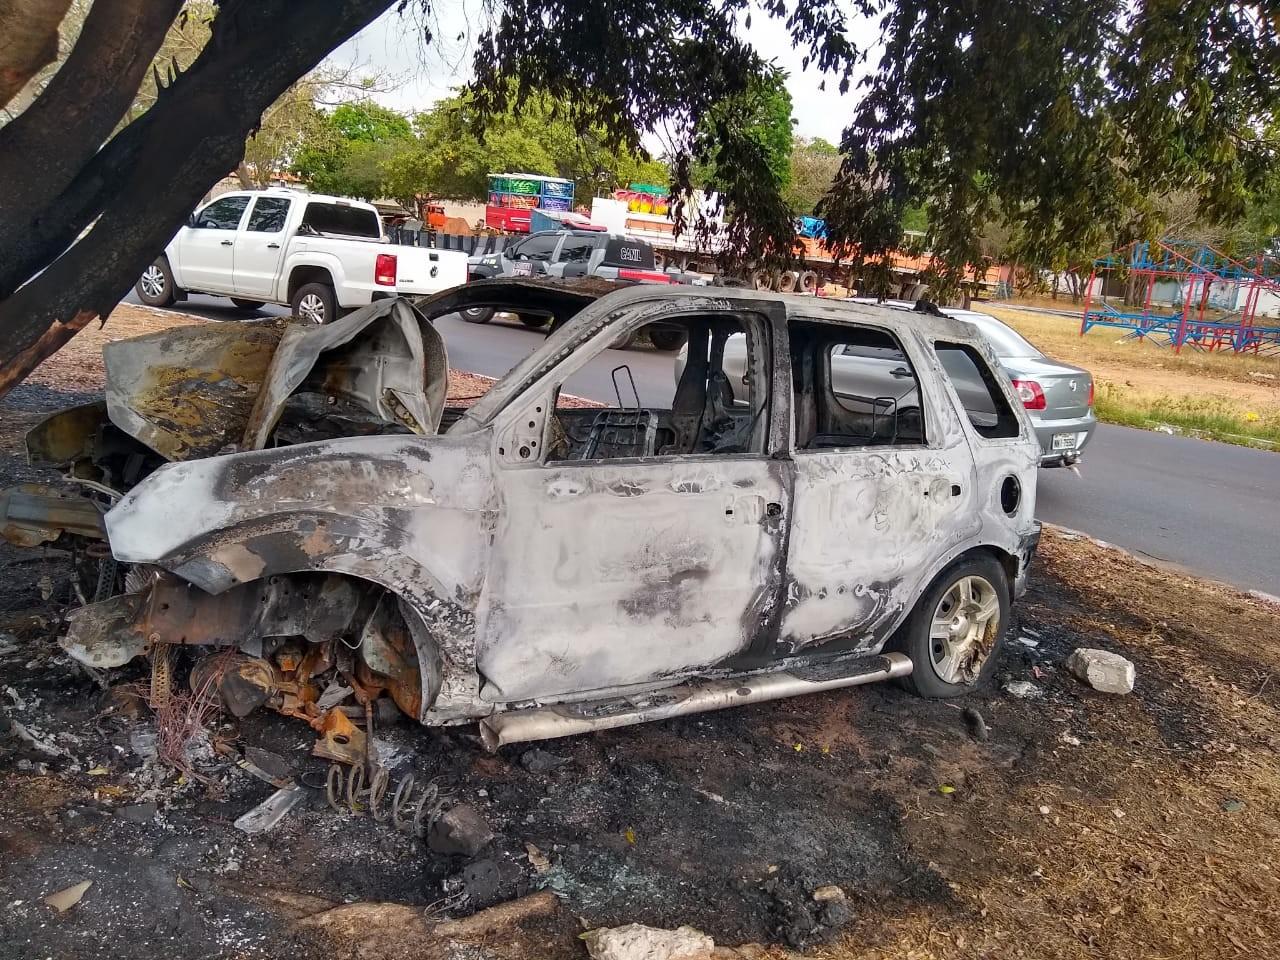 Suspeitos de roubo são presos após carro pegar fogo ao colidir contra árvore em Teresina